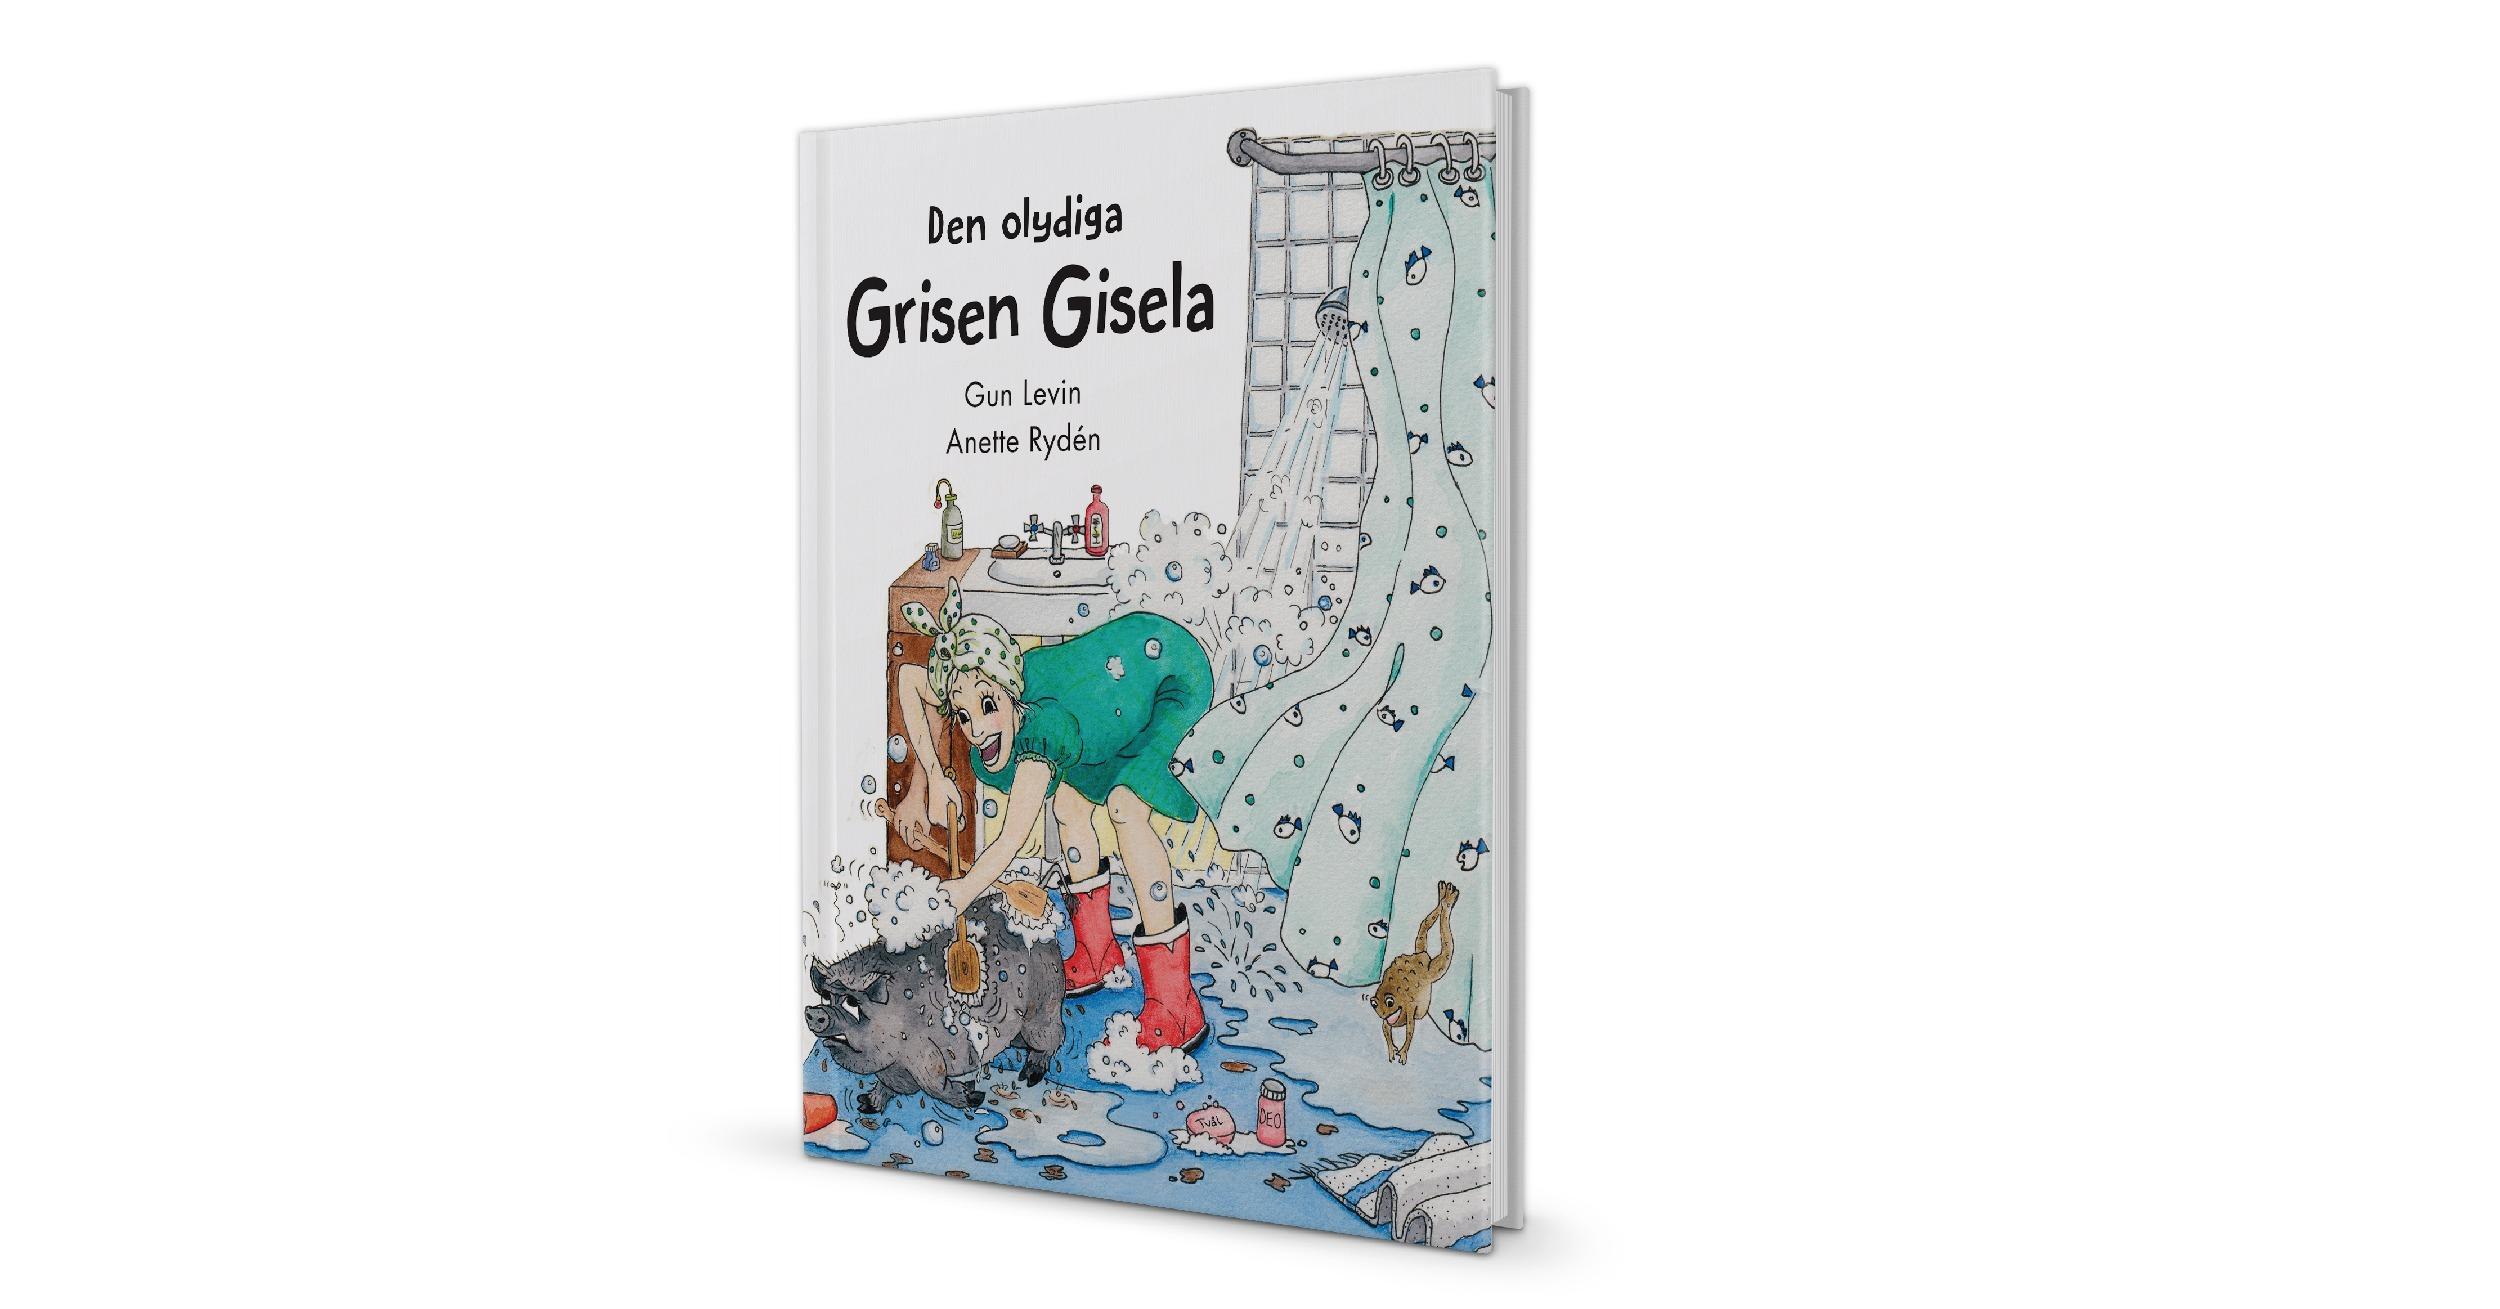 Författarintervju med Gun Levin om Den olydiga grisen Gisela